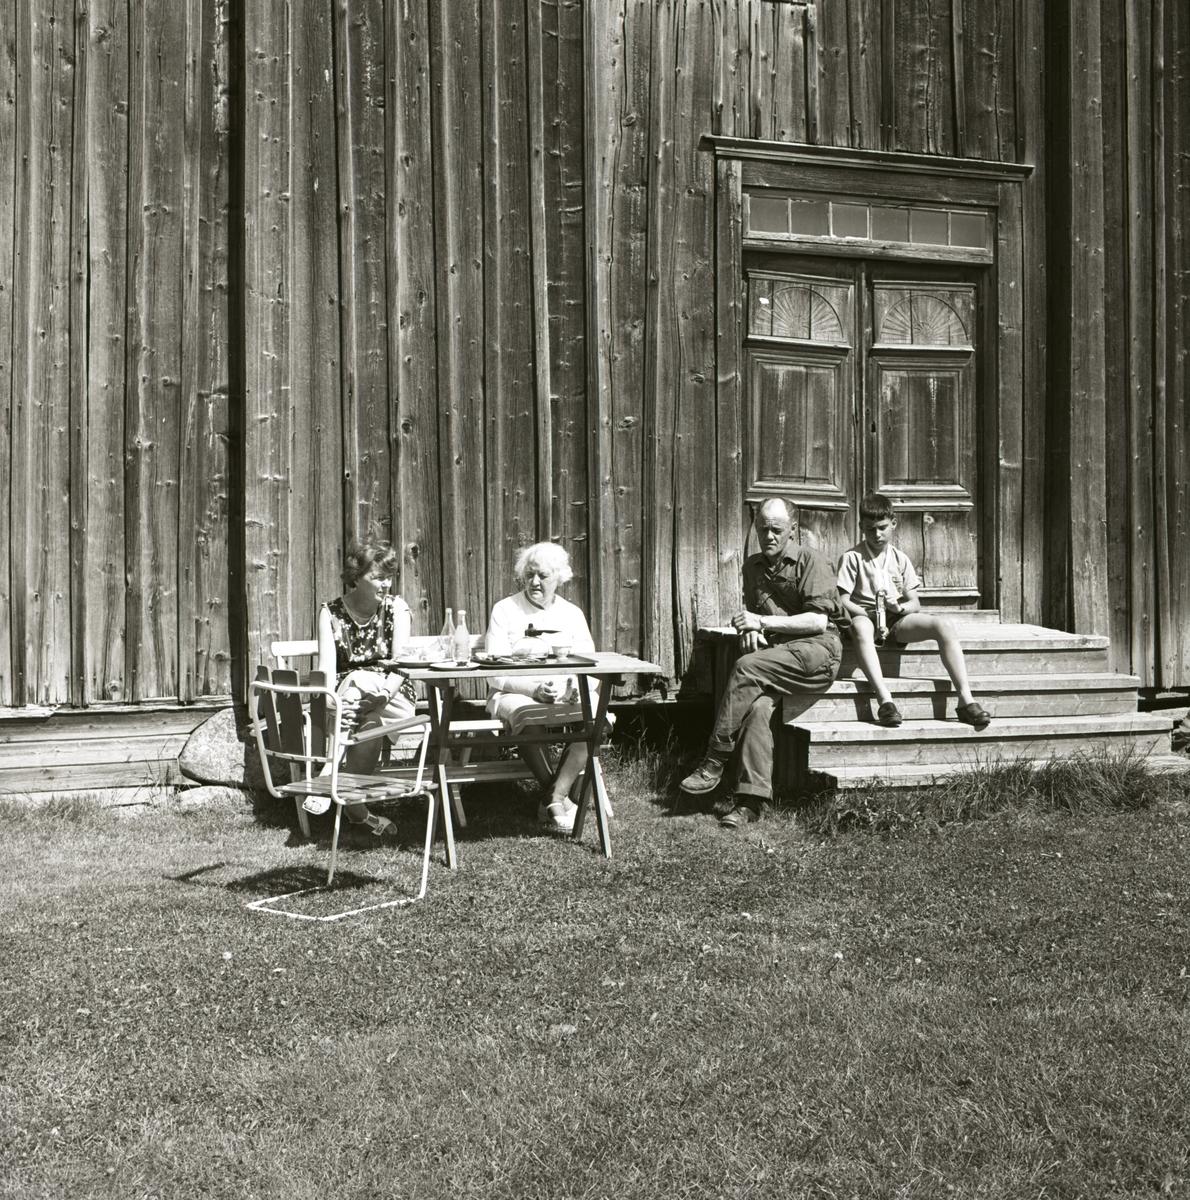 Två kvinnor sitter vid ett bord framför en byggnad och till höger om dem sitter en pojke och en man på en trappa, 1967-68.